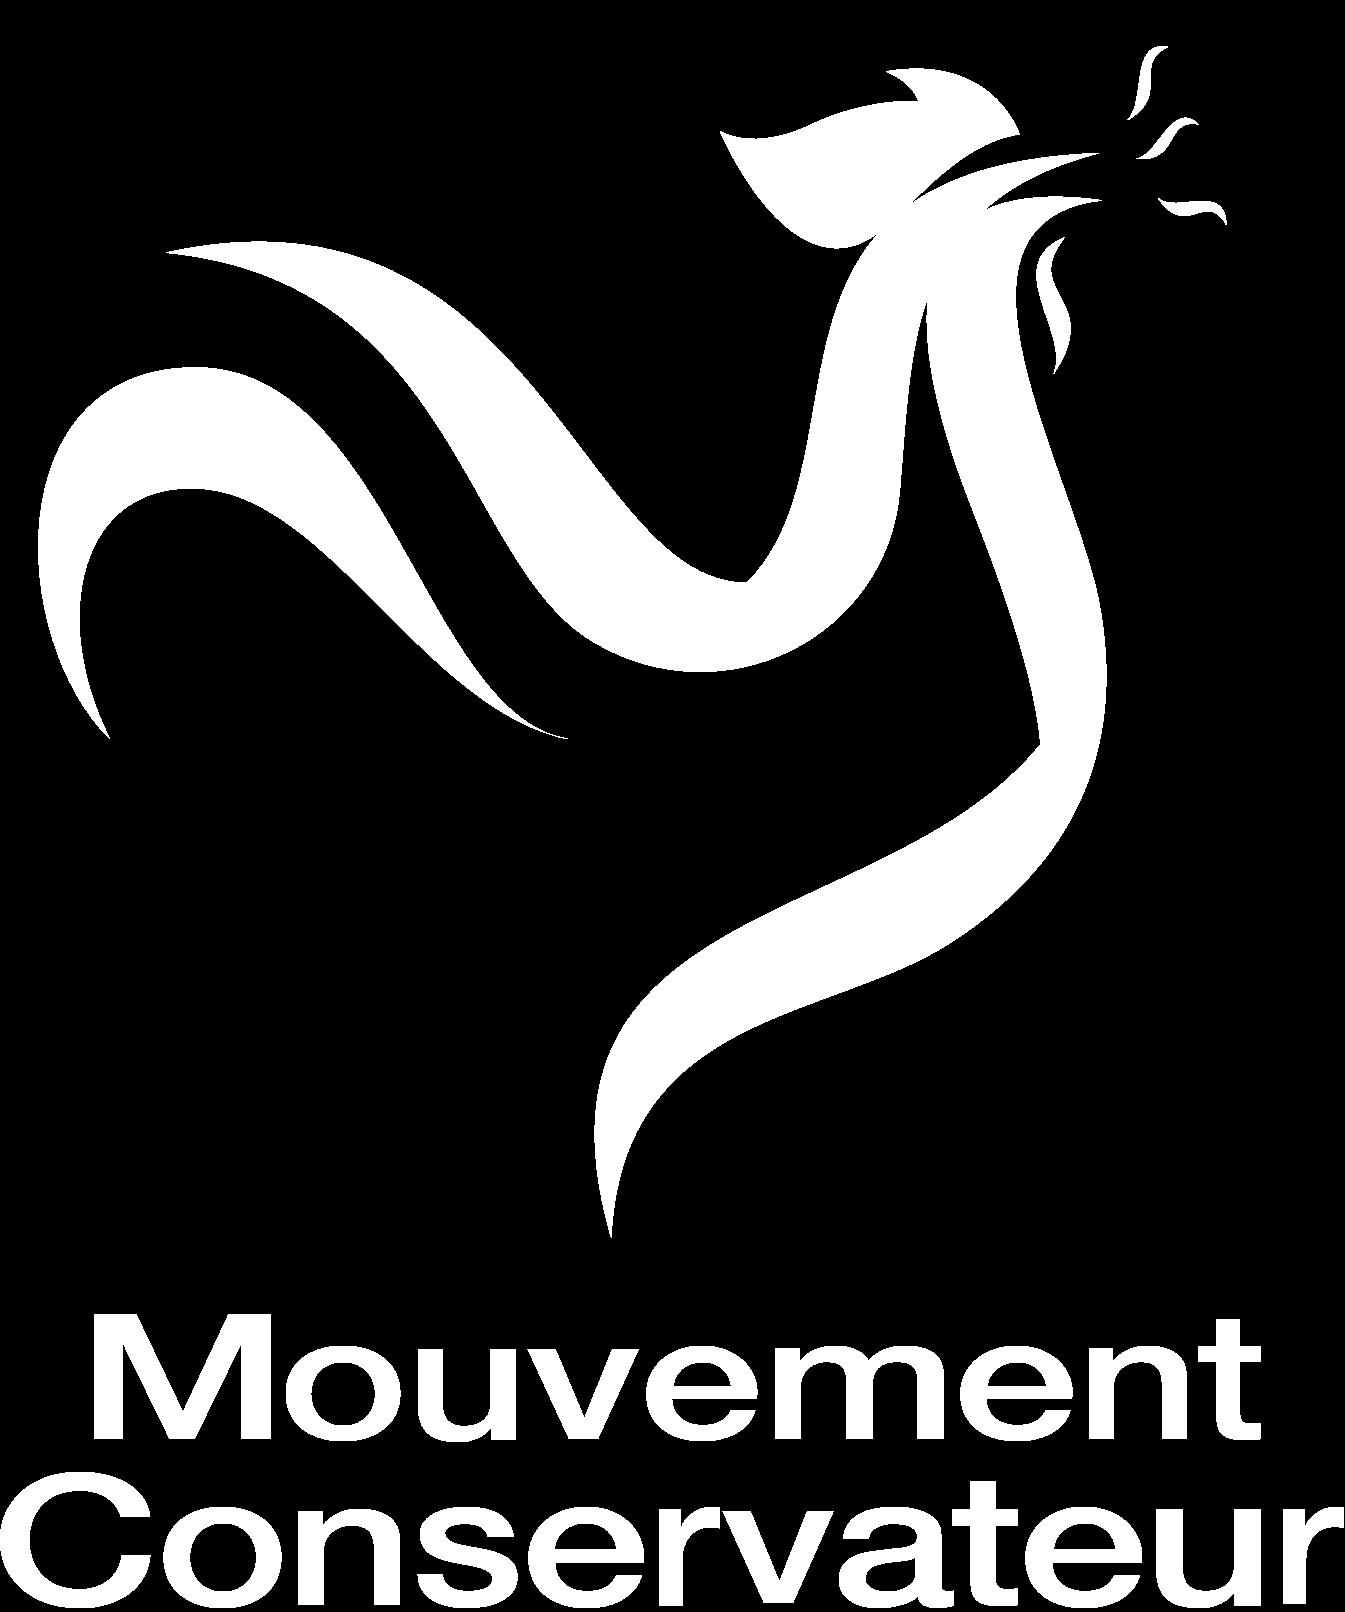 Mouvement Conservateur